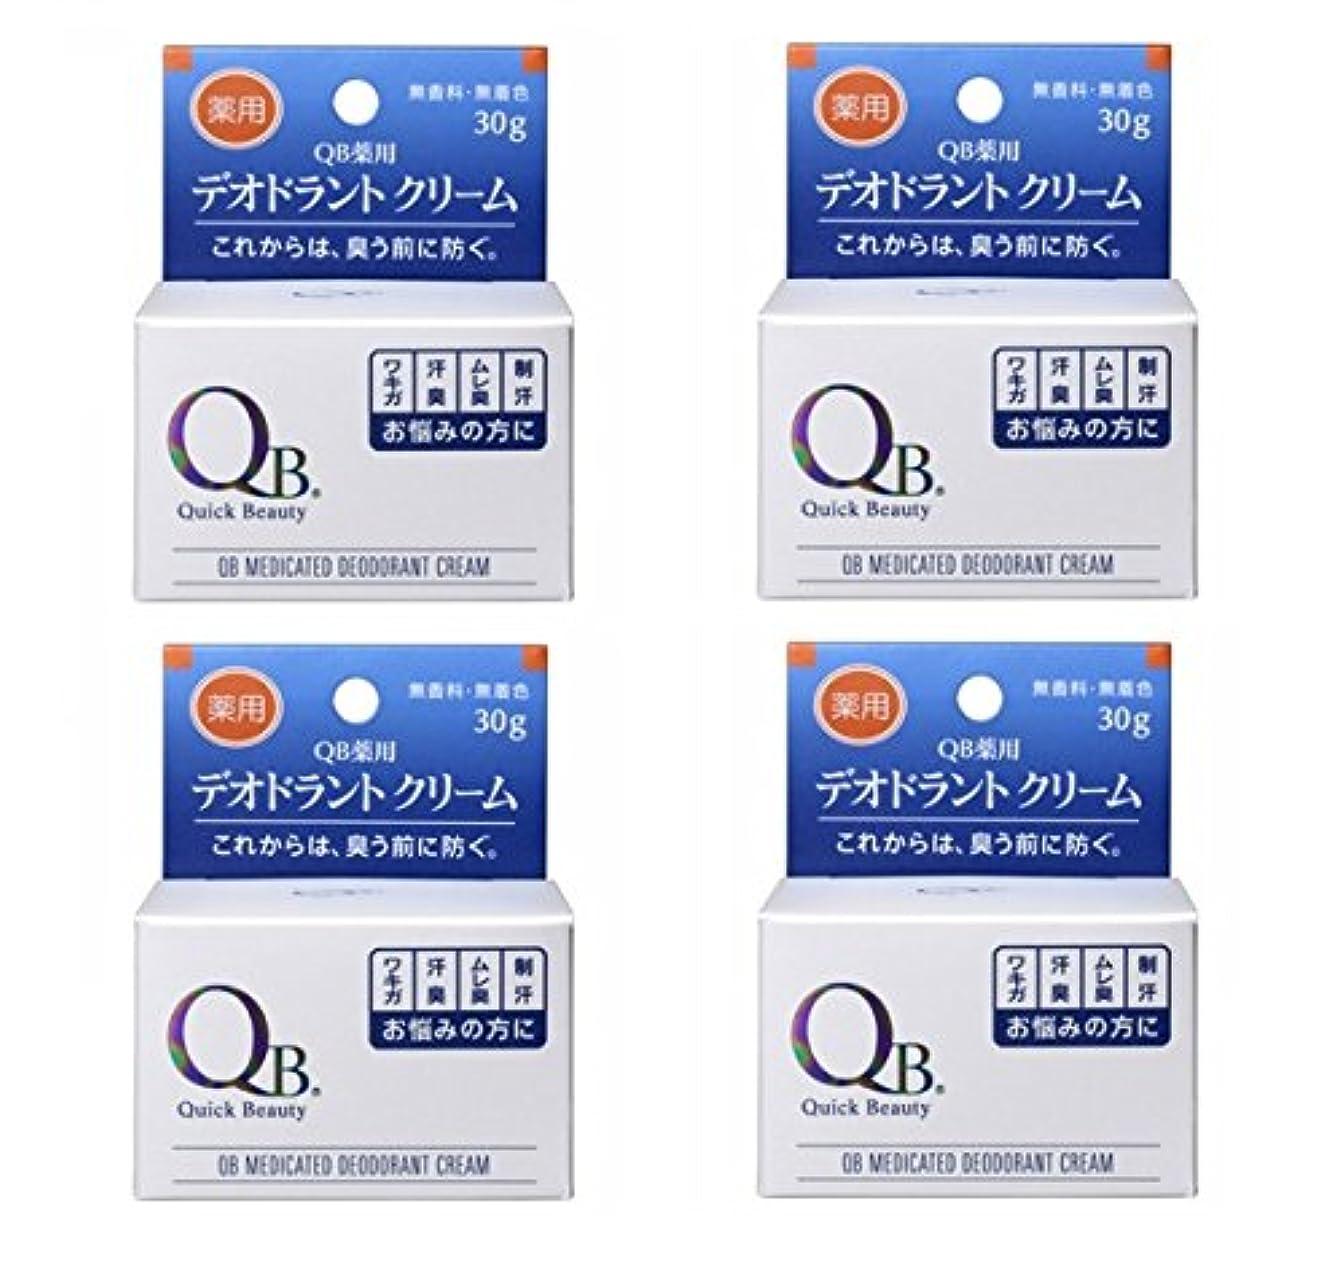 熱望するエスカレート核【×4個】 QB 薬用デオドラントクリーム 30g 【国内正規品】